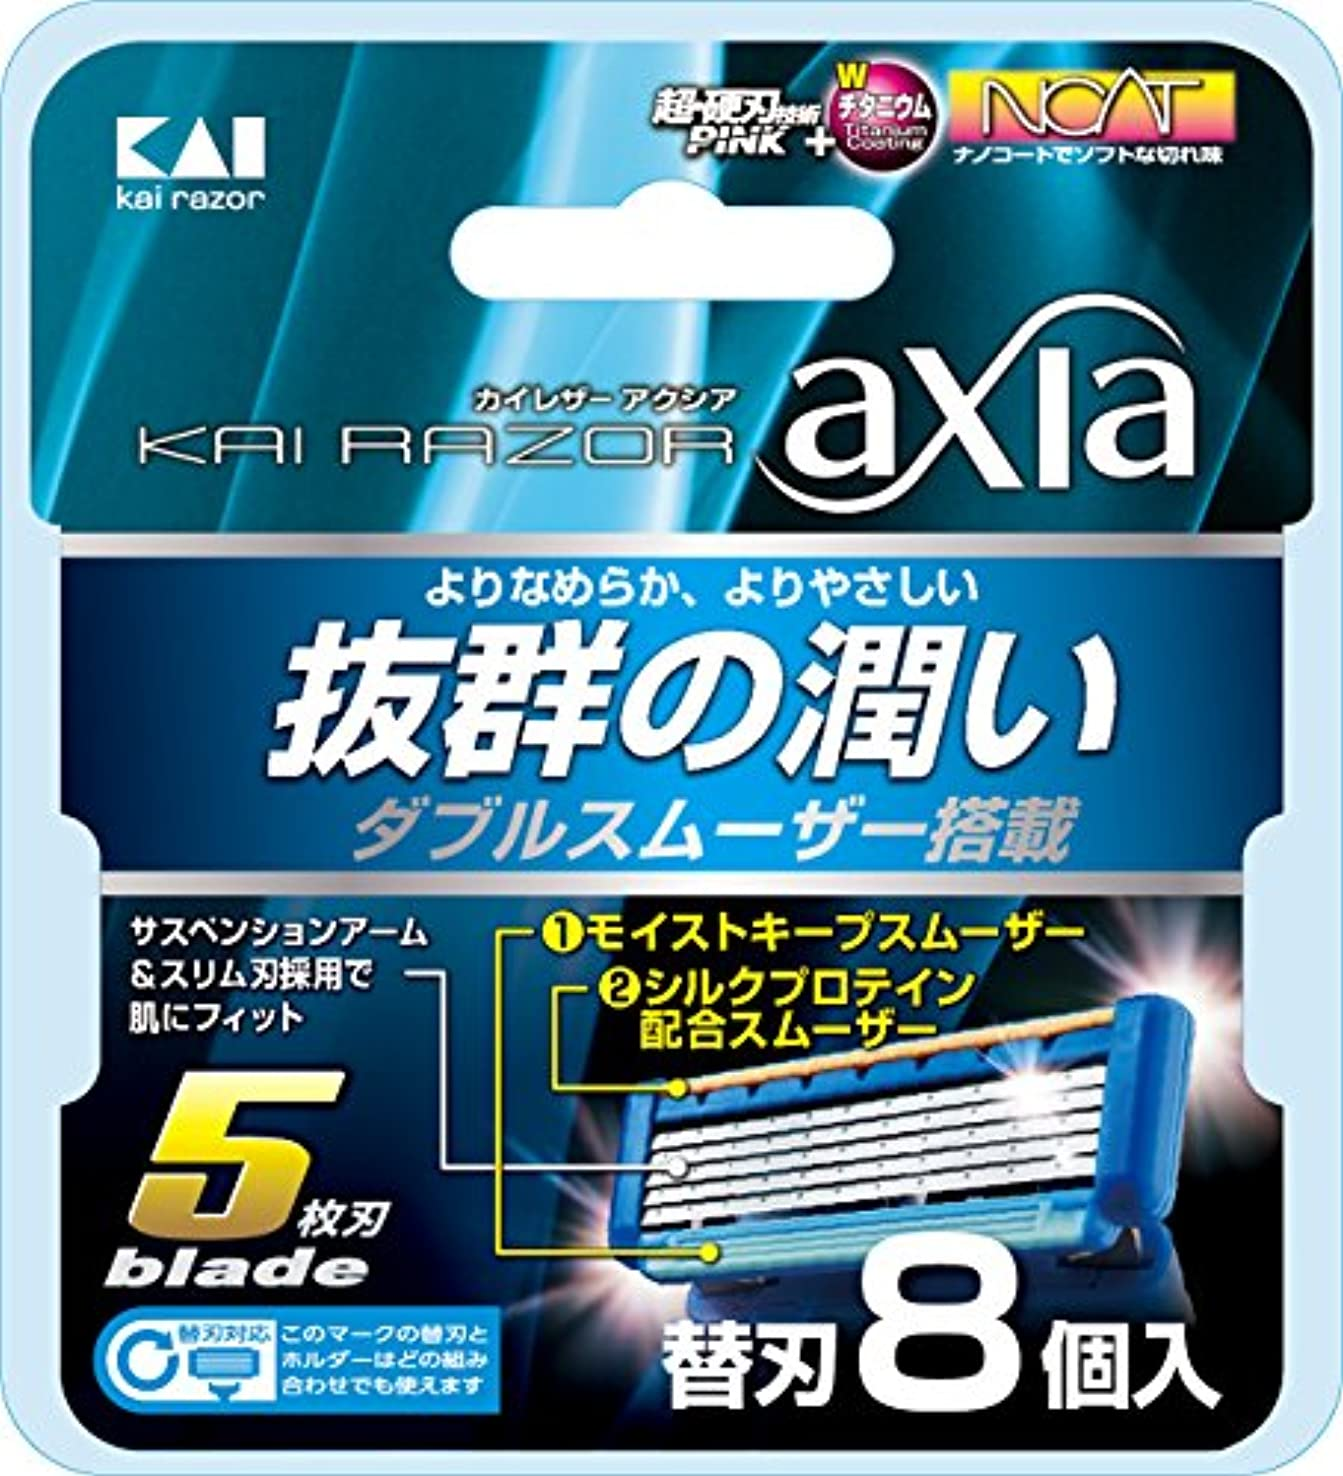 海岸舞い上がる販売計画KAI RAZOR axia(カイ レザー アクシア)5枚刃 替刃 8個入